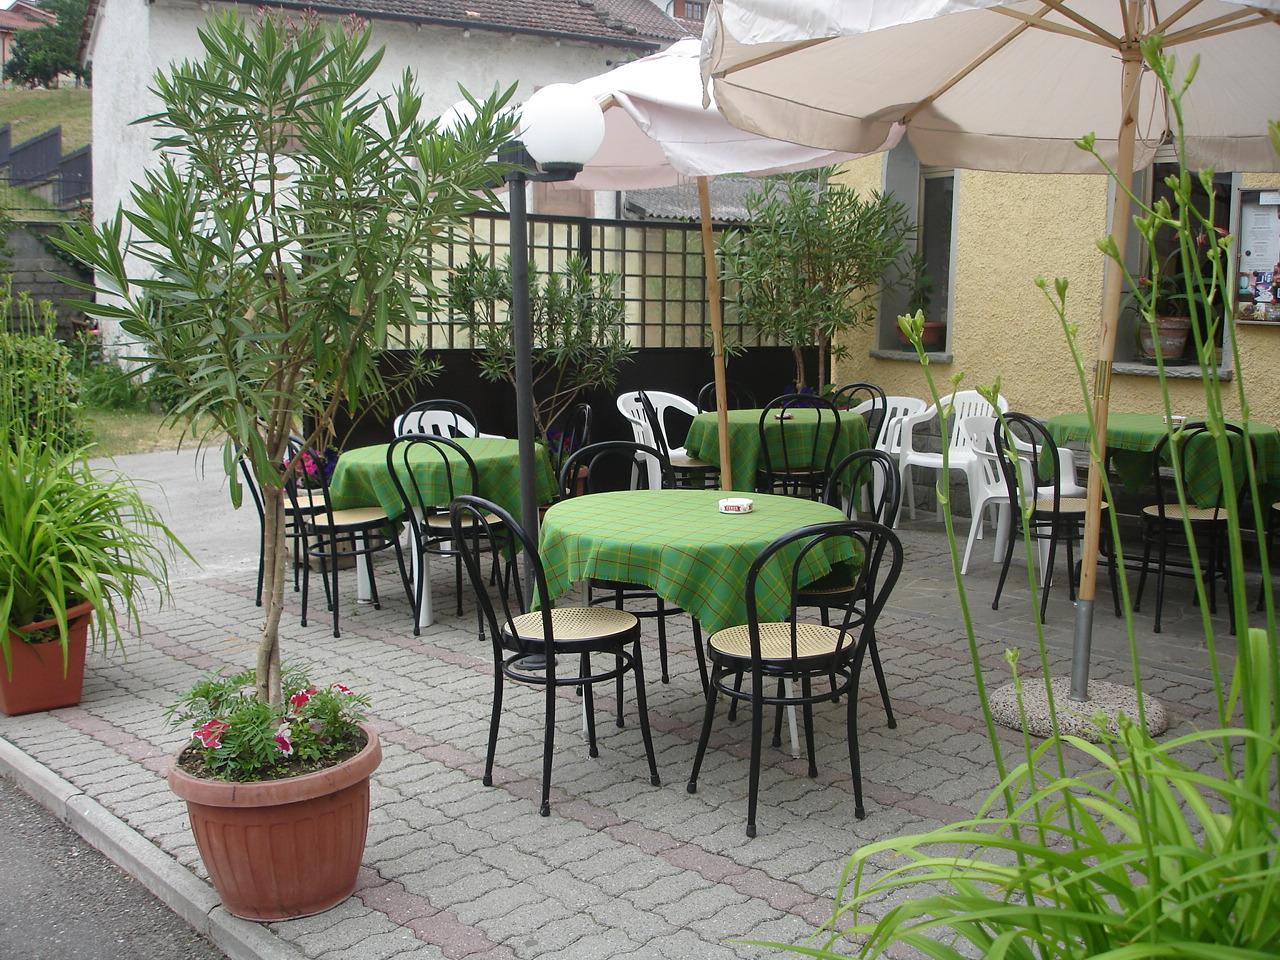 Bar pizzeria albergo ristorante albareto parma for Tavolini esterni